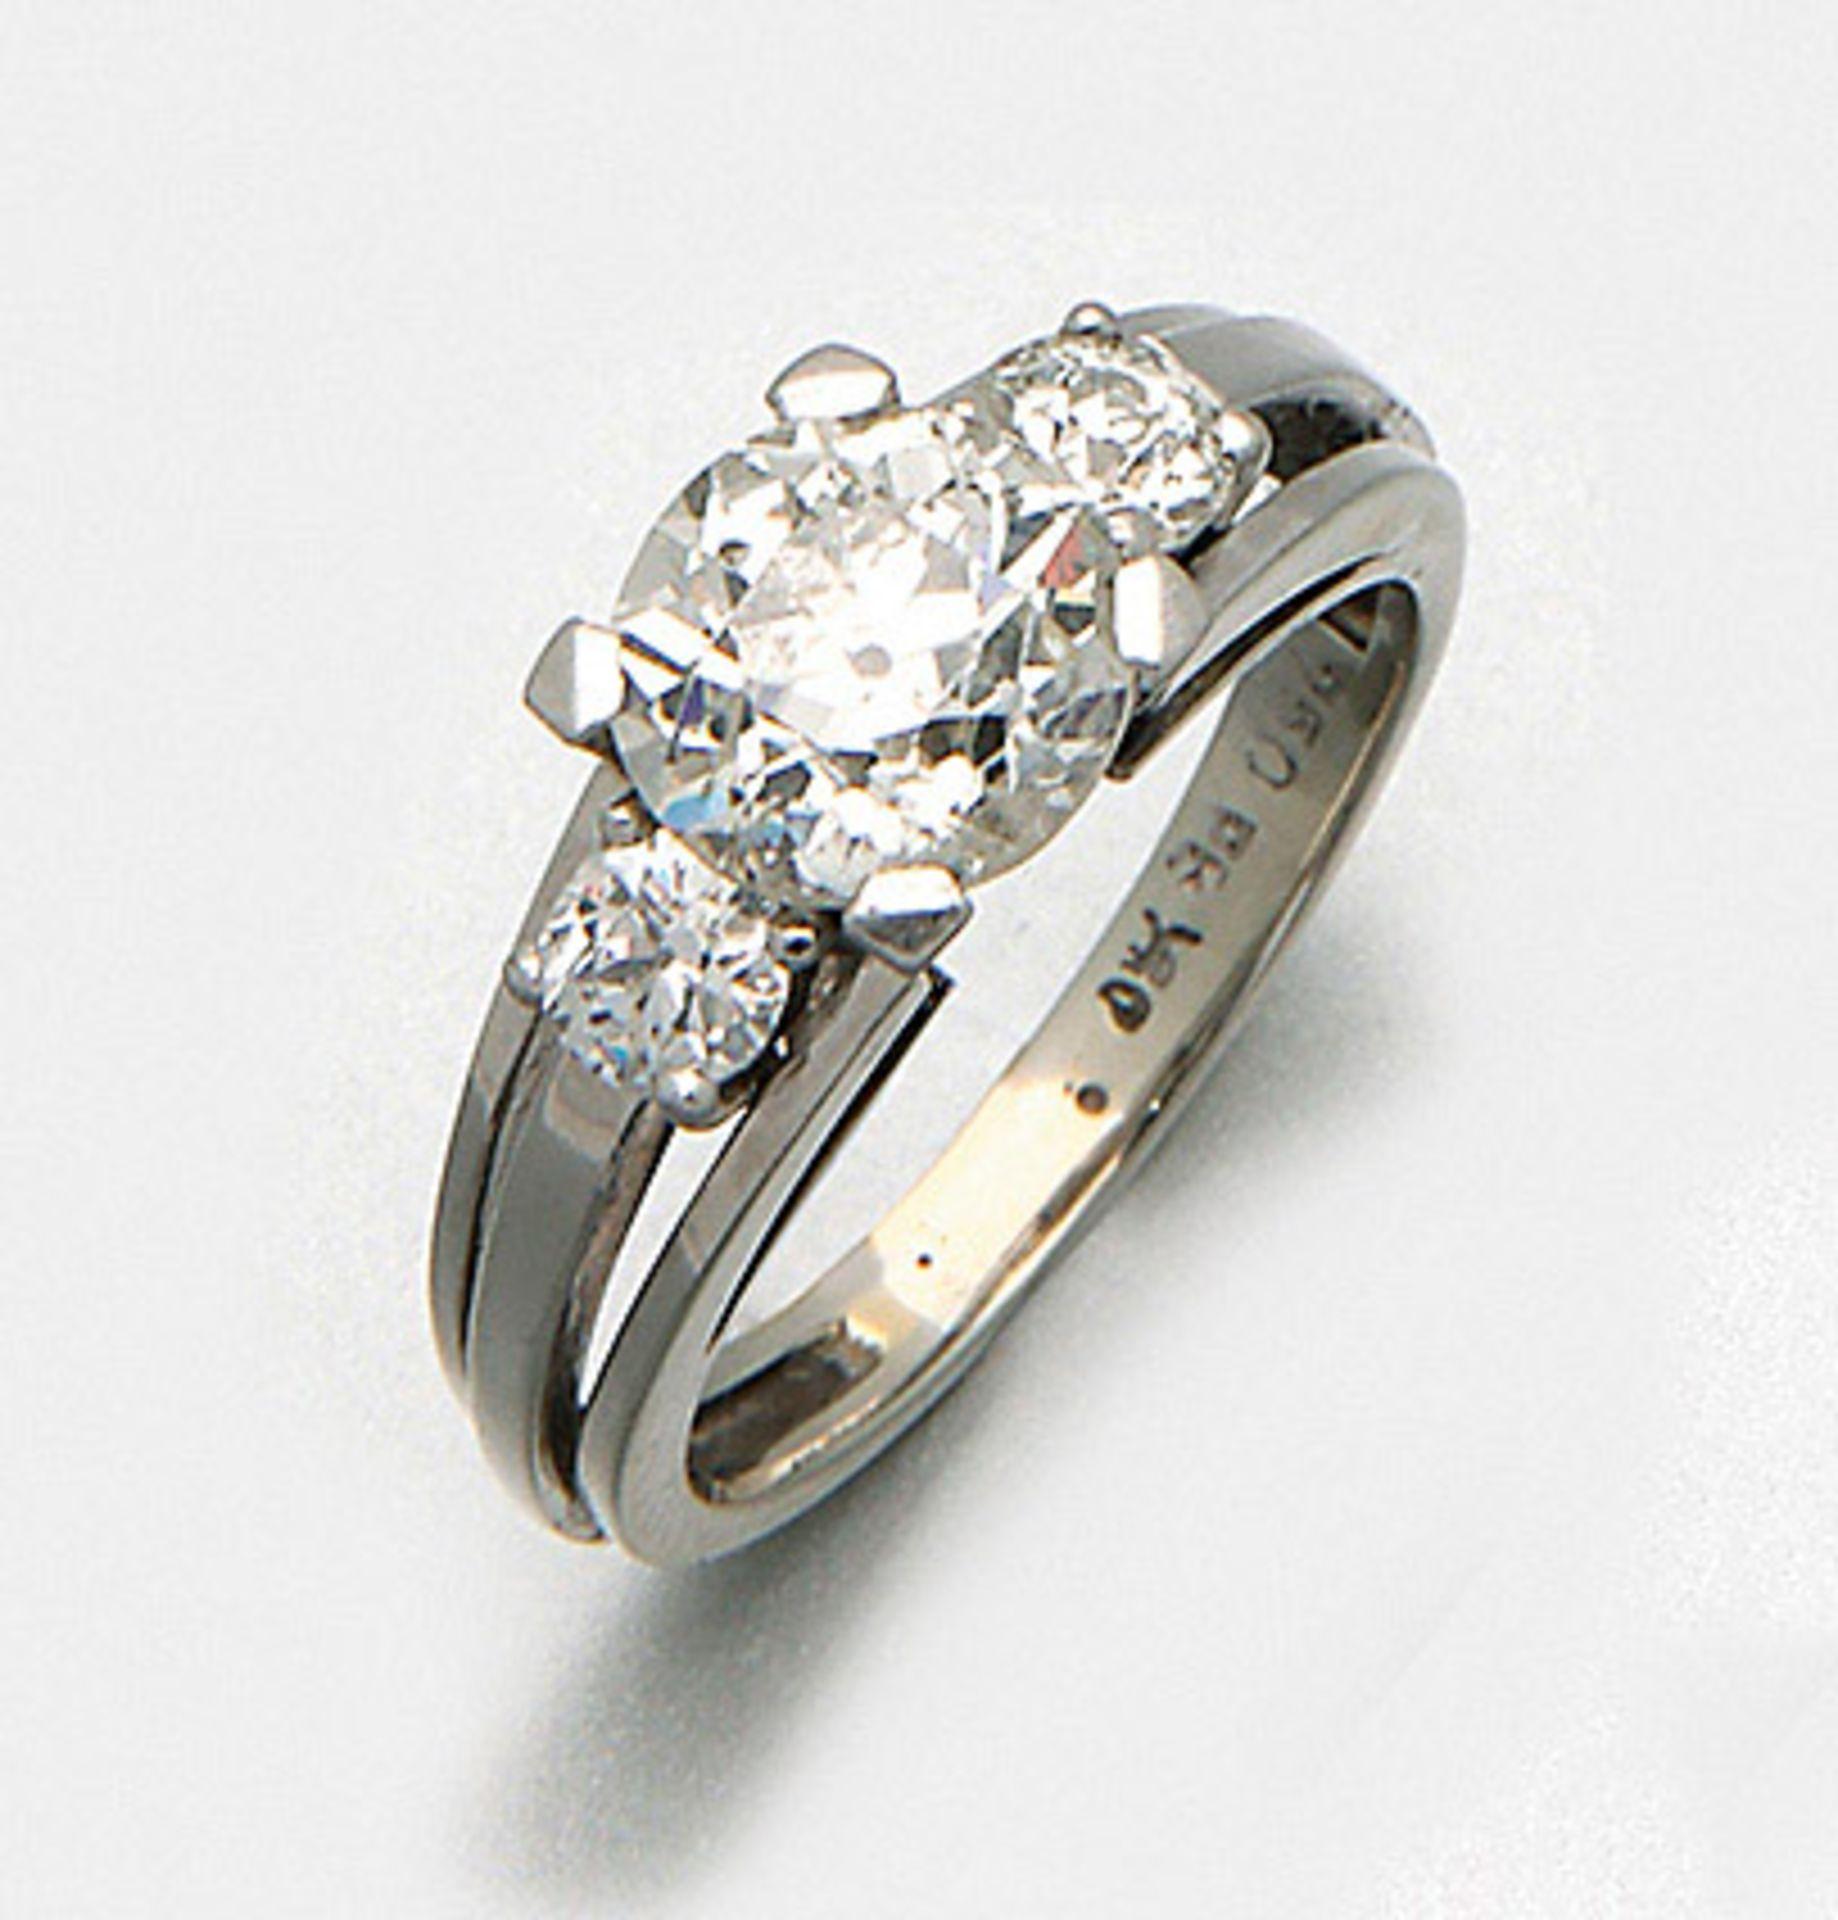 Diamantsolitärring aus den 60er Jahren